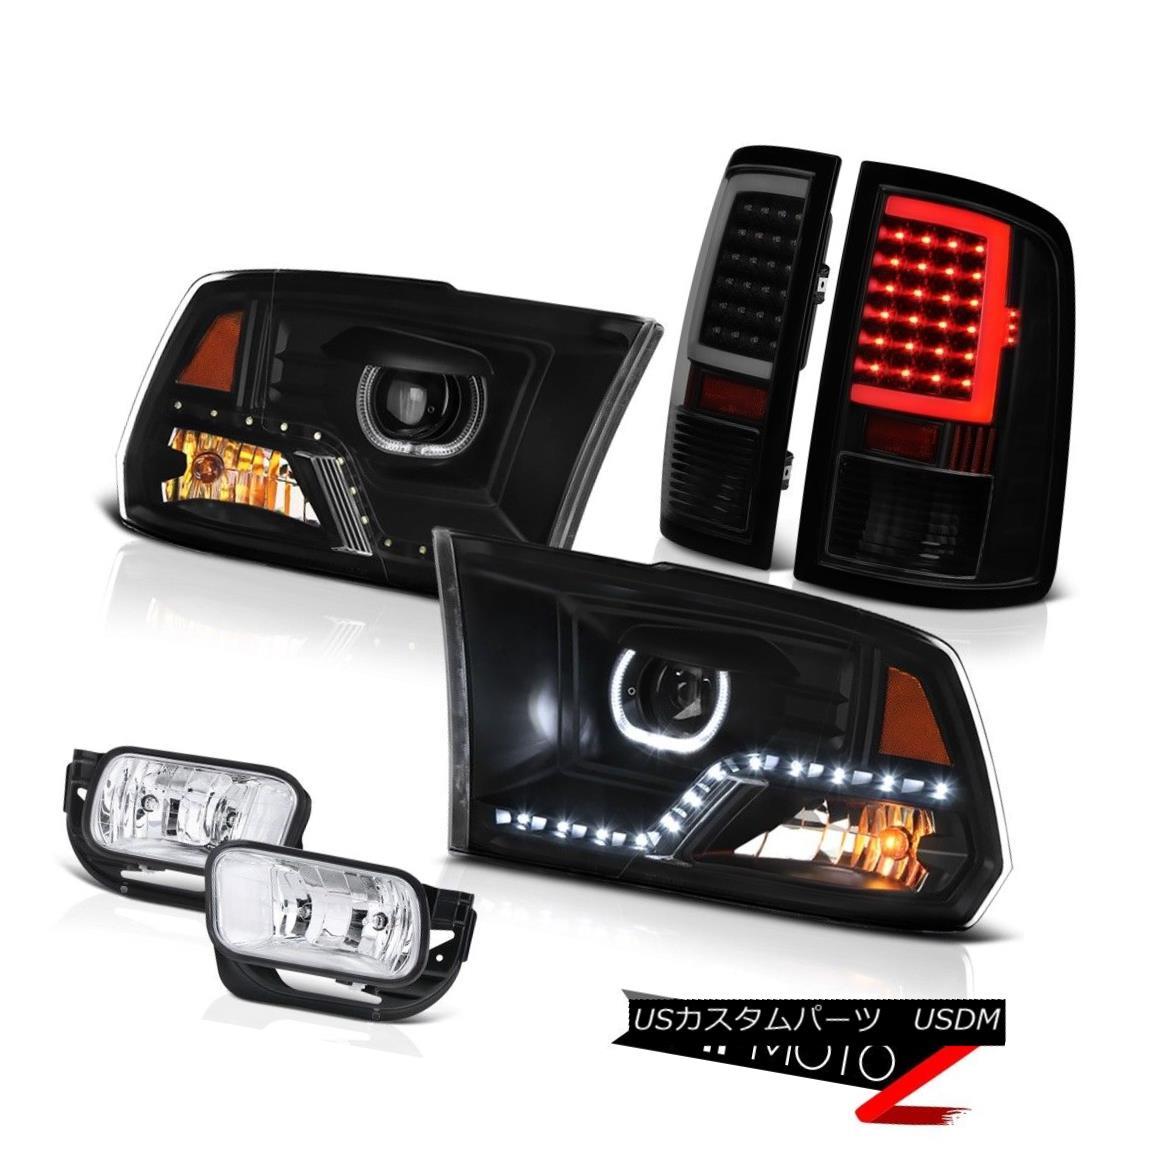 ヘッドライト 09-18 Dodge RAM 3500 Tail Lights Nighthawk Black Head Fog Lights Replacement SET 09-18ダッジRAM 3500テールライトナイトホークブラックヘッドフォグライト交換セット画像